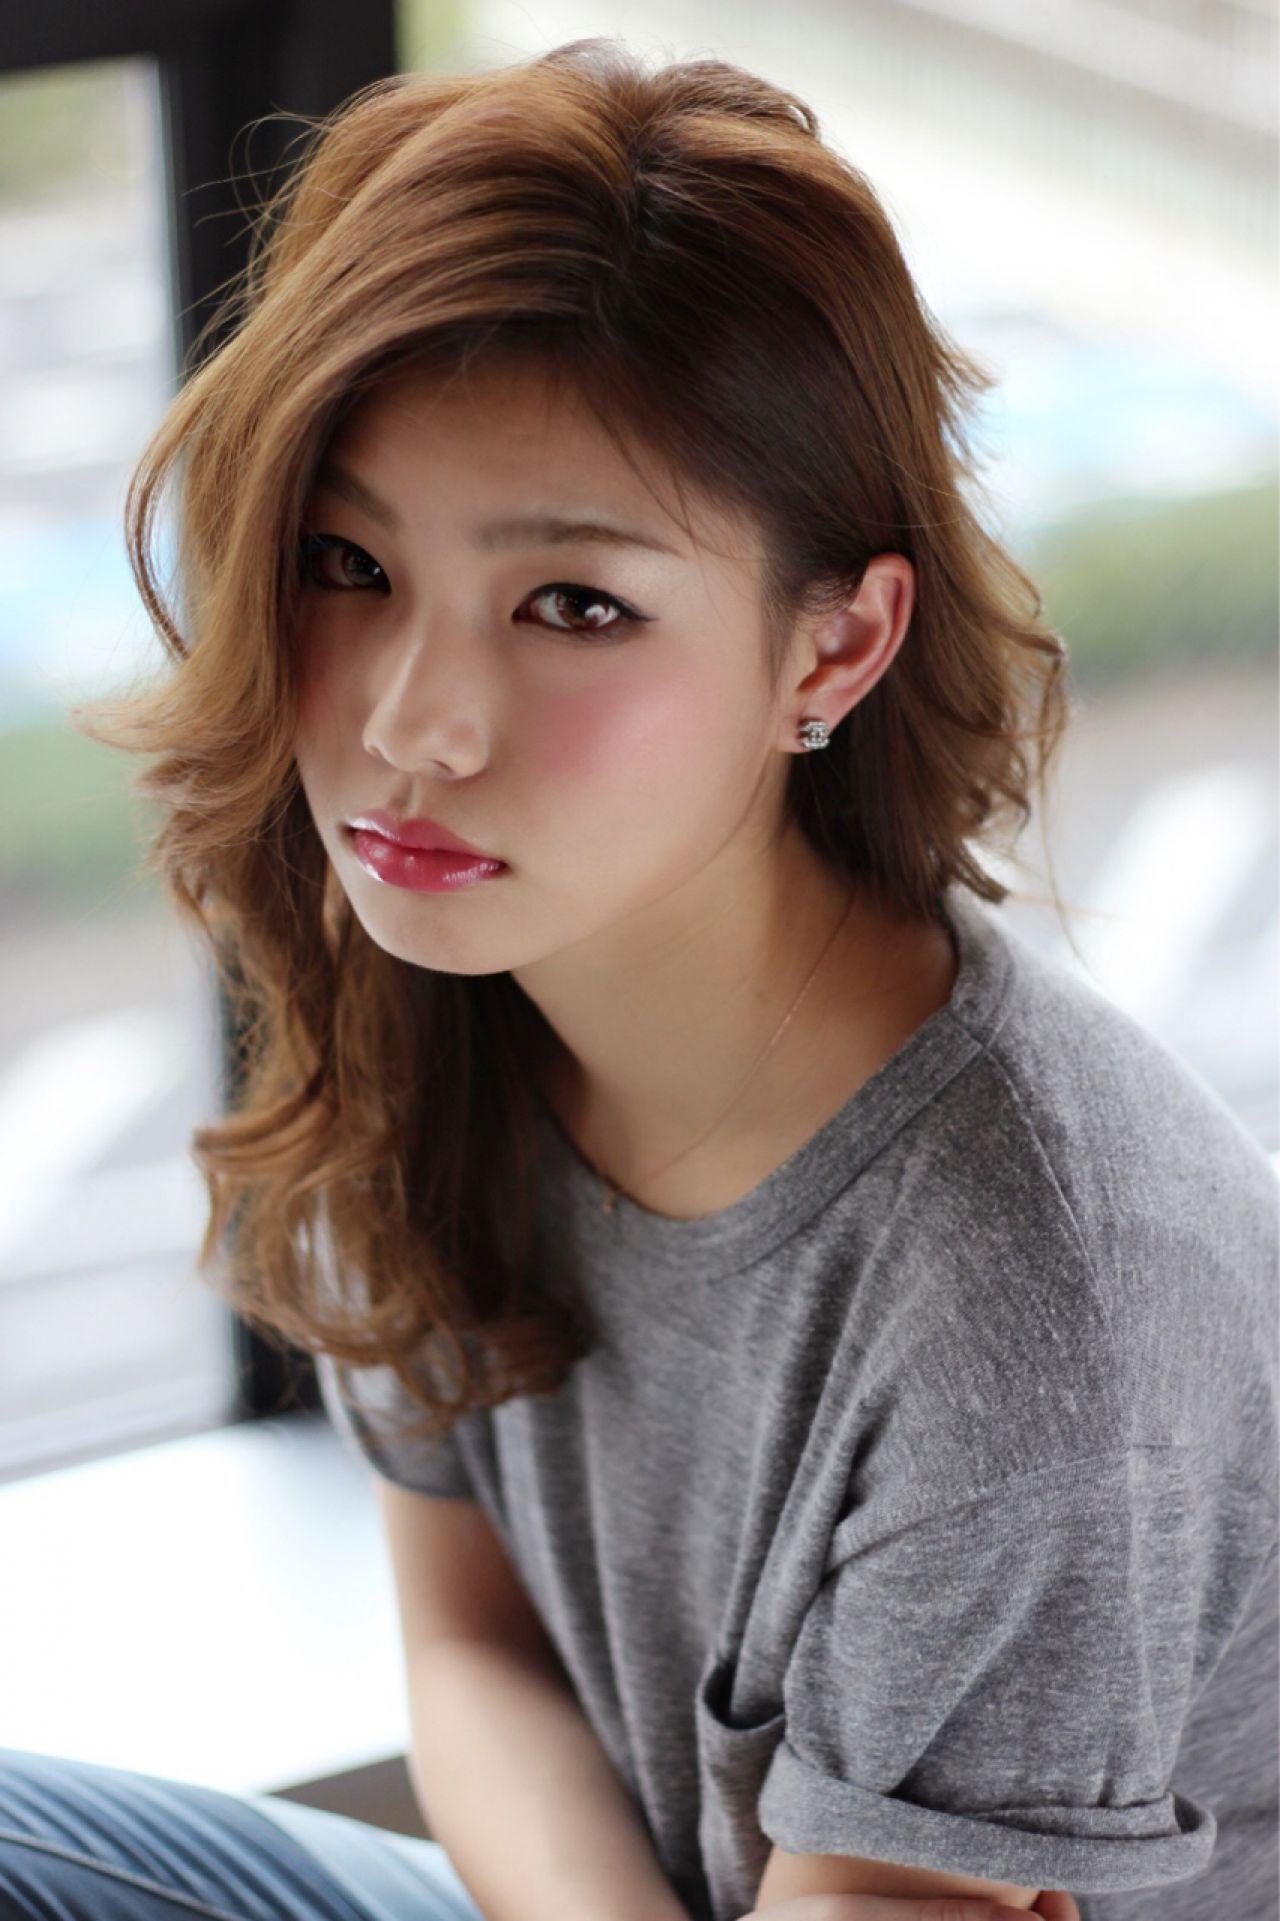 モテ髪 ストリート ミディアム コンサバヘアスタイルや髪型の写真・画像